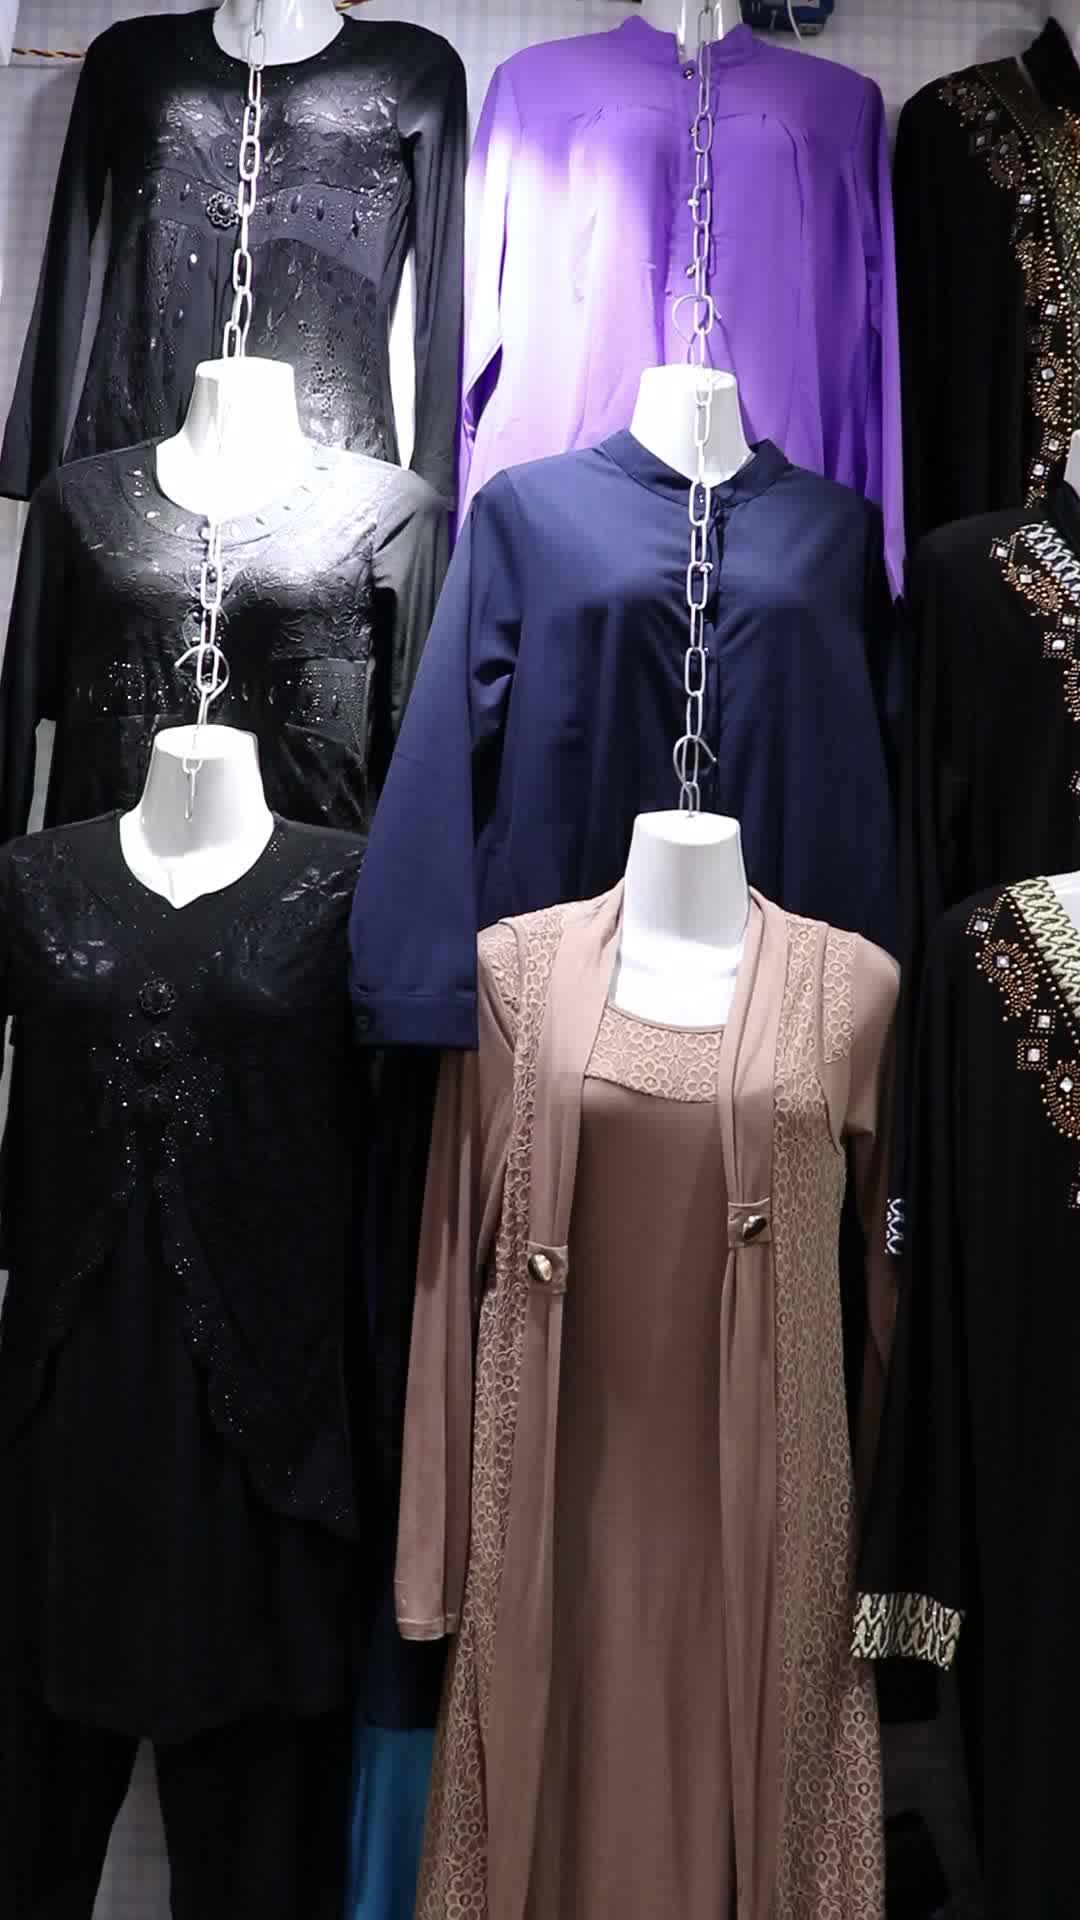 2019 Vente chaude 3 pièces musulman fille robe avec veste et jupe longue pour 5 ans à 15 ans